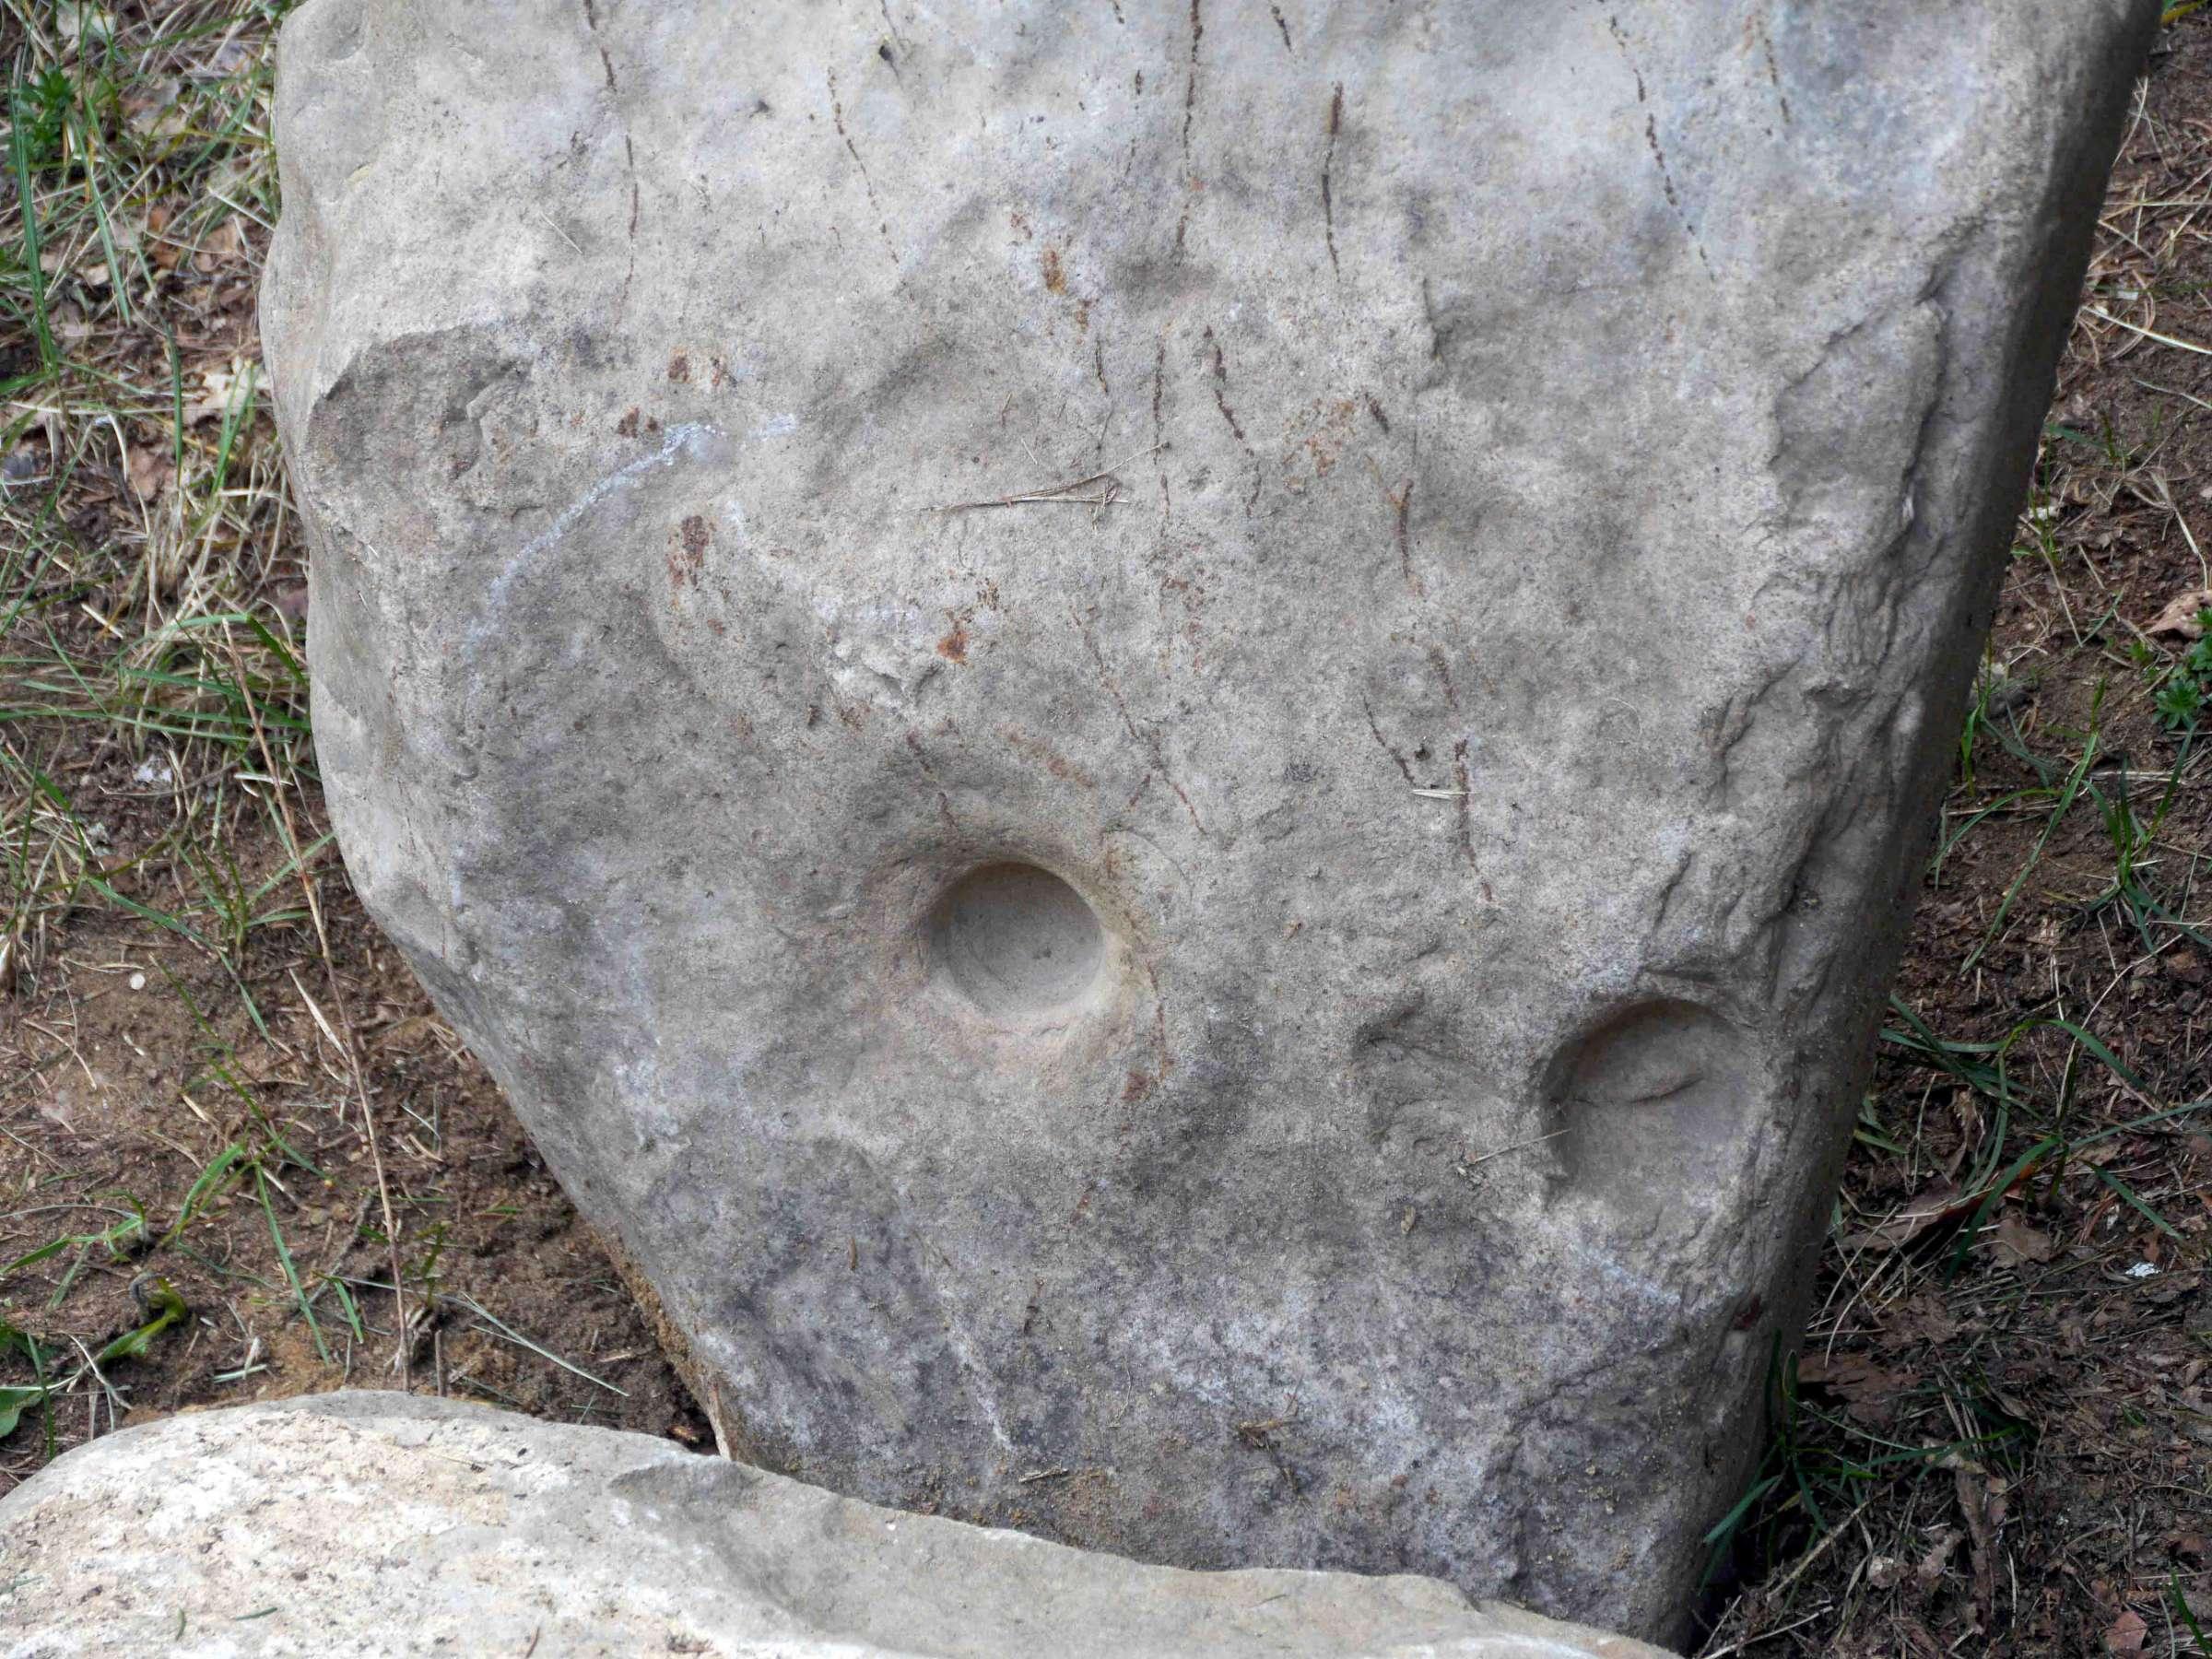 Statant pirtį atrasta dubenuotas akmuo | Alkas.lt, D. Vaiškūnienės nuotr.